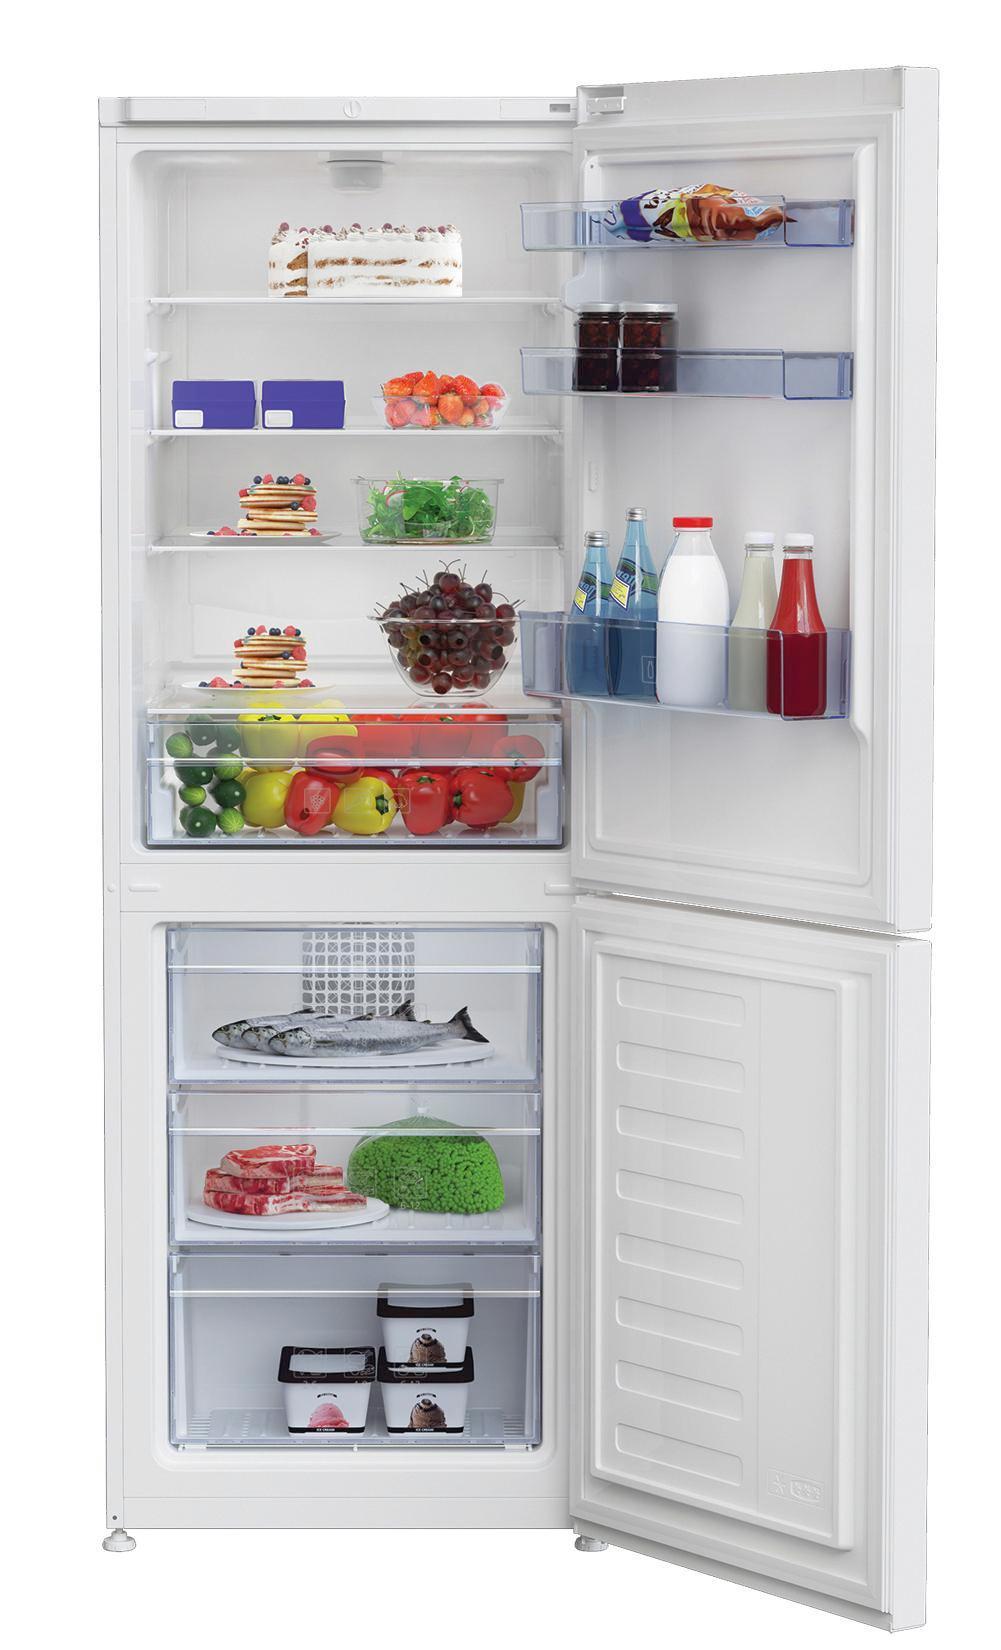 Kühlschrank Gefrierschrank Kombination : Kühl gefrier kombination rcsa k w online kaufen ➤ möbelix